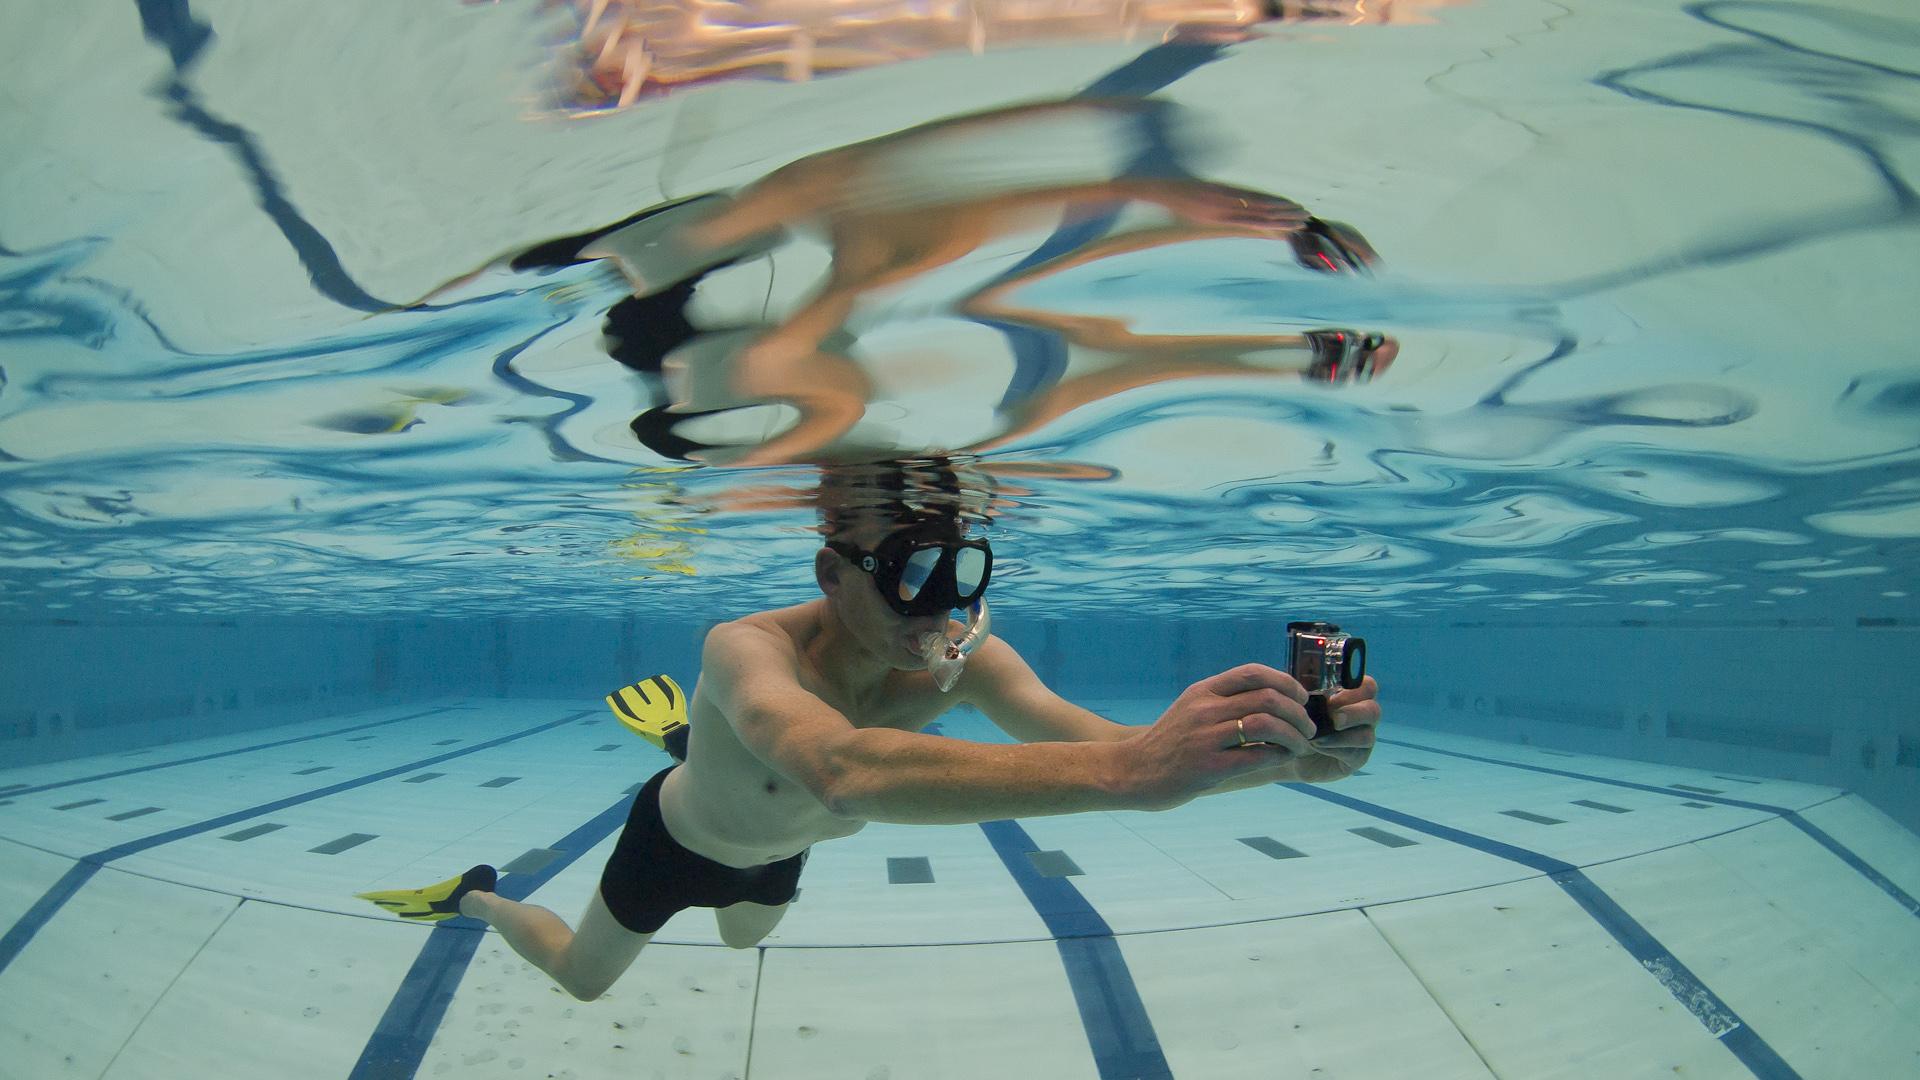 Oefenen met GoPro